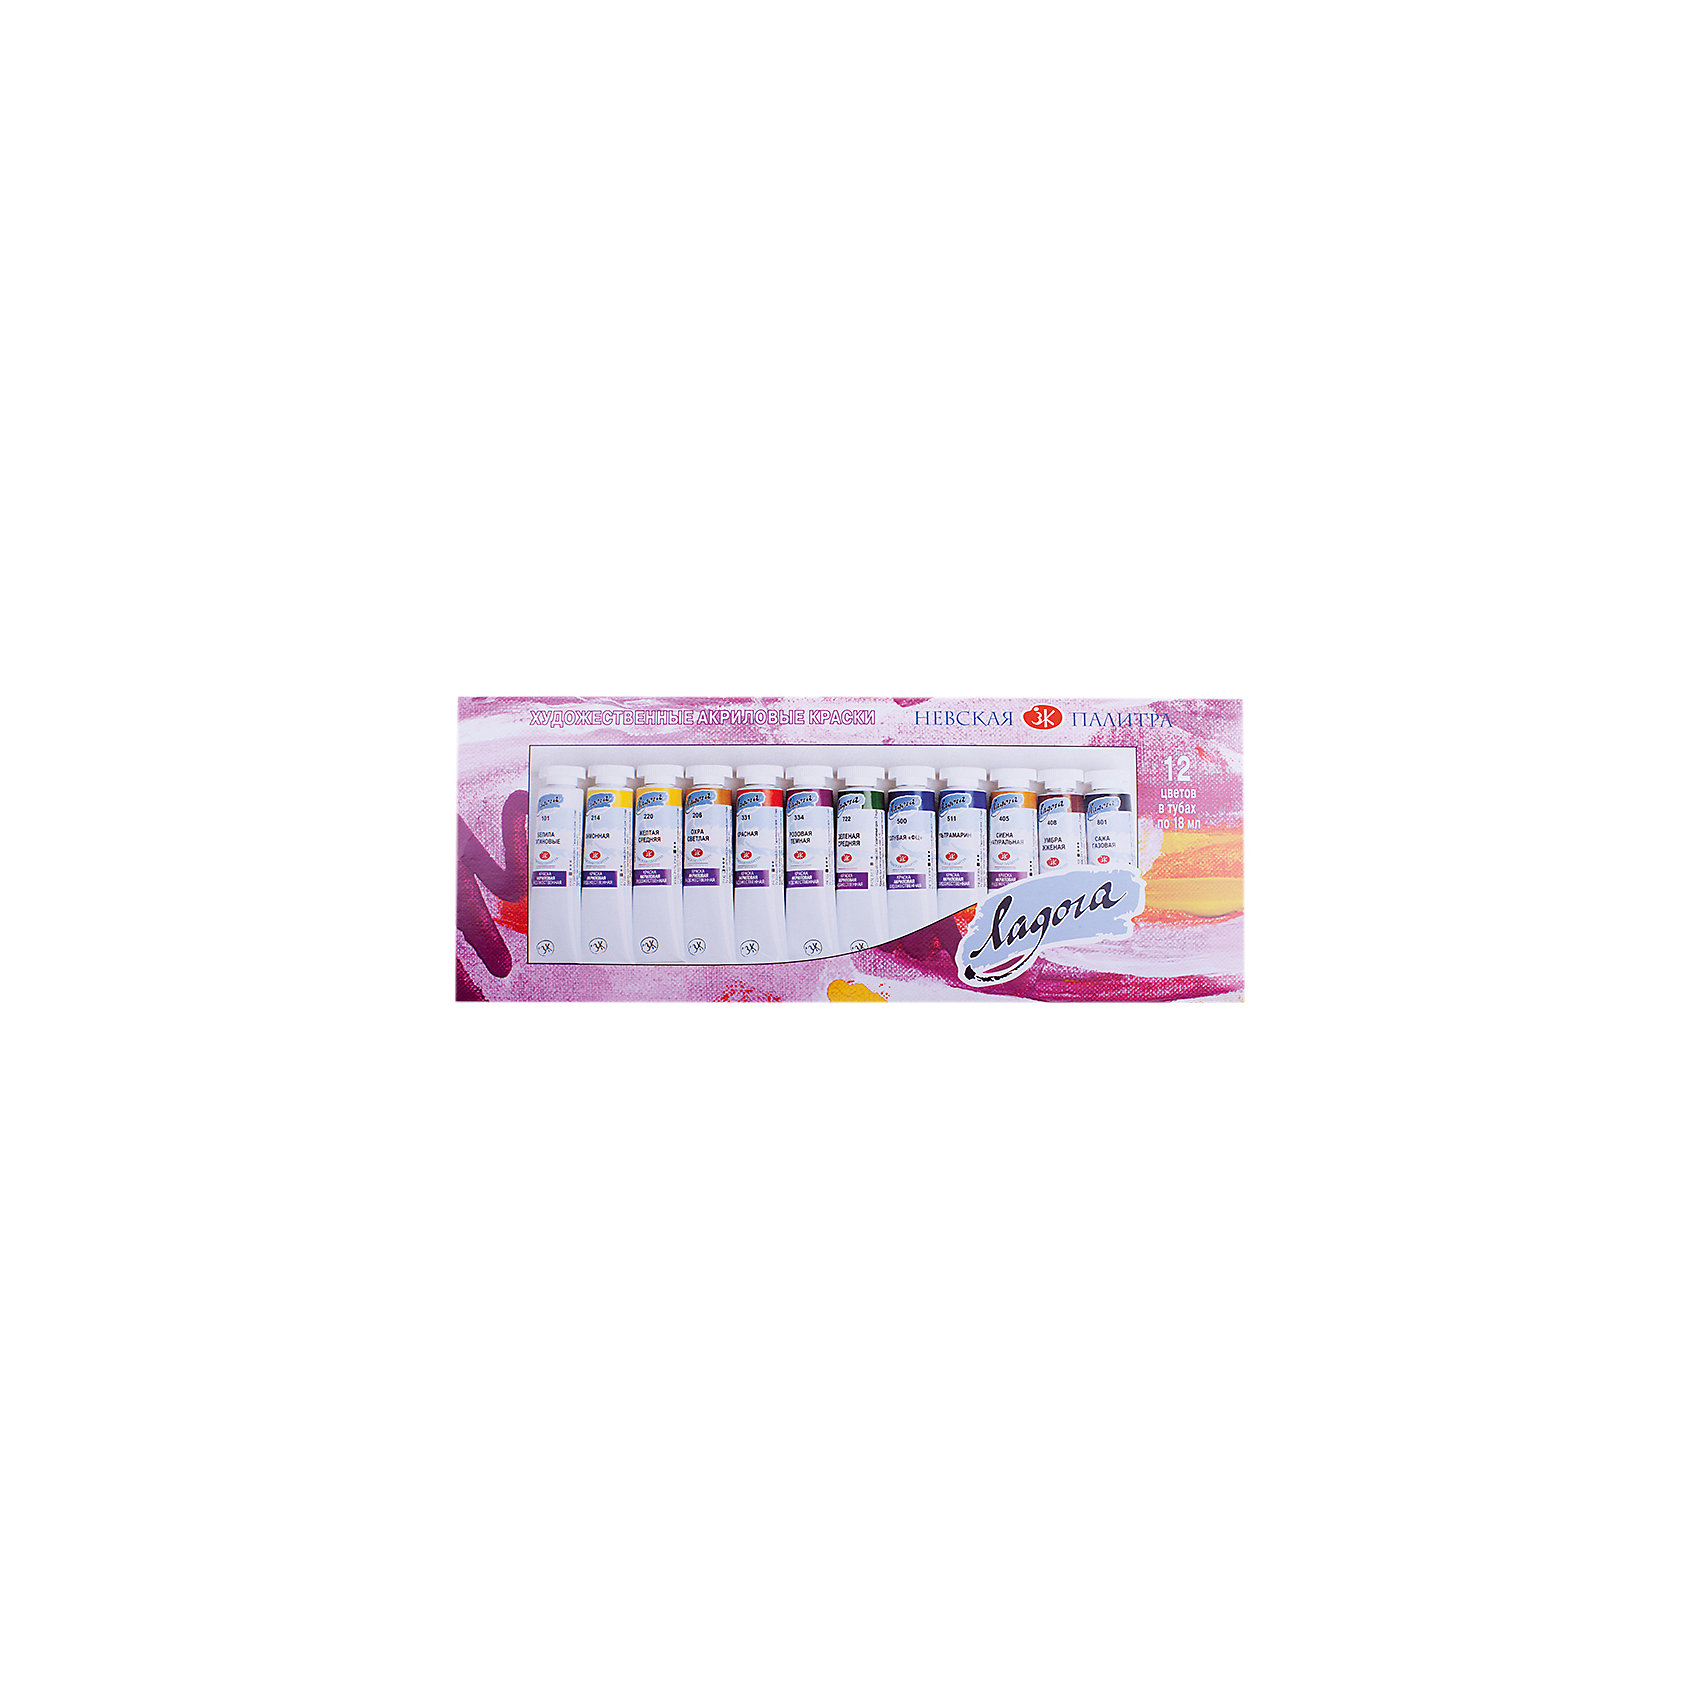 Краски акриловые 12цветов 18мл/туба ЛадогаХудожественные краски<br>Тип: акрил<br>Количество цветов: 12 <br>Емкость: туба<br>Объем общий: 216<br>Объем емкости: 18<br>Упаковка ед. товара: картонная коробка<br>Наличие европодвеса: нет<br>Набор художественных акриловых красок из 12 цветов<br><br>Ширина мм: 275<br>Глубина мм: 107<br>Высота мм: 27<br>Вес г: 367<br>Возраст от месяцев: 84<br>Возраст до месяцев: 2147483647<br>Пол: Унисекс<br>Возраст: Детский<br>SKU: 7044219